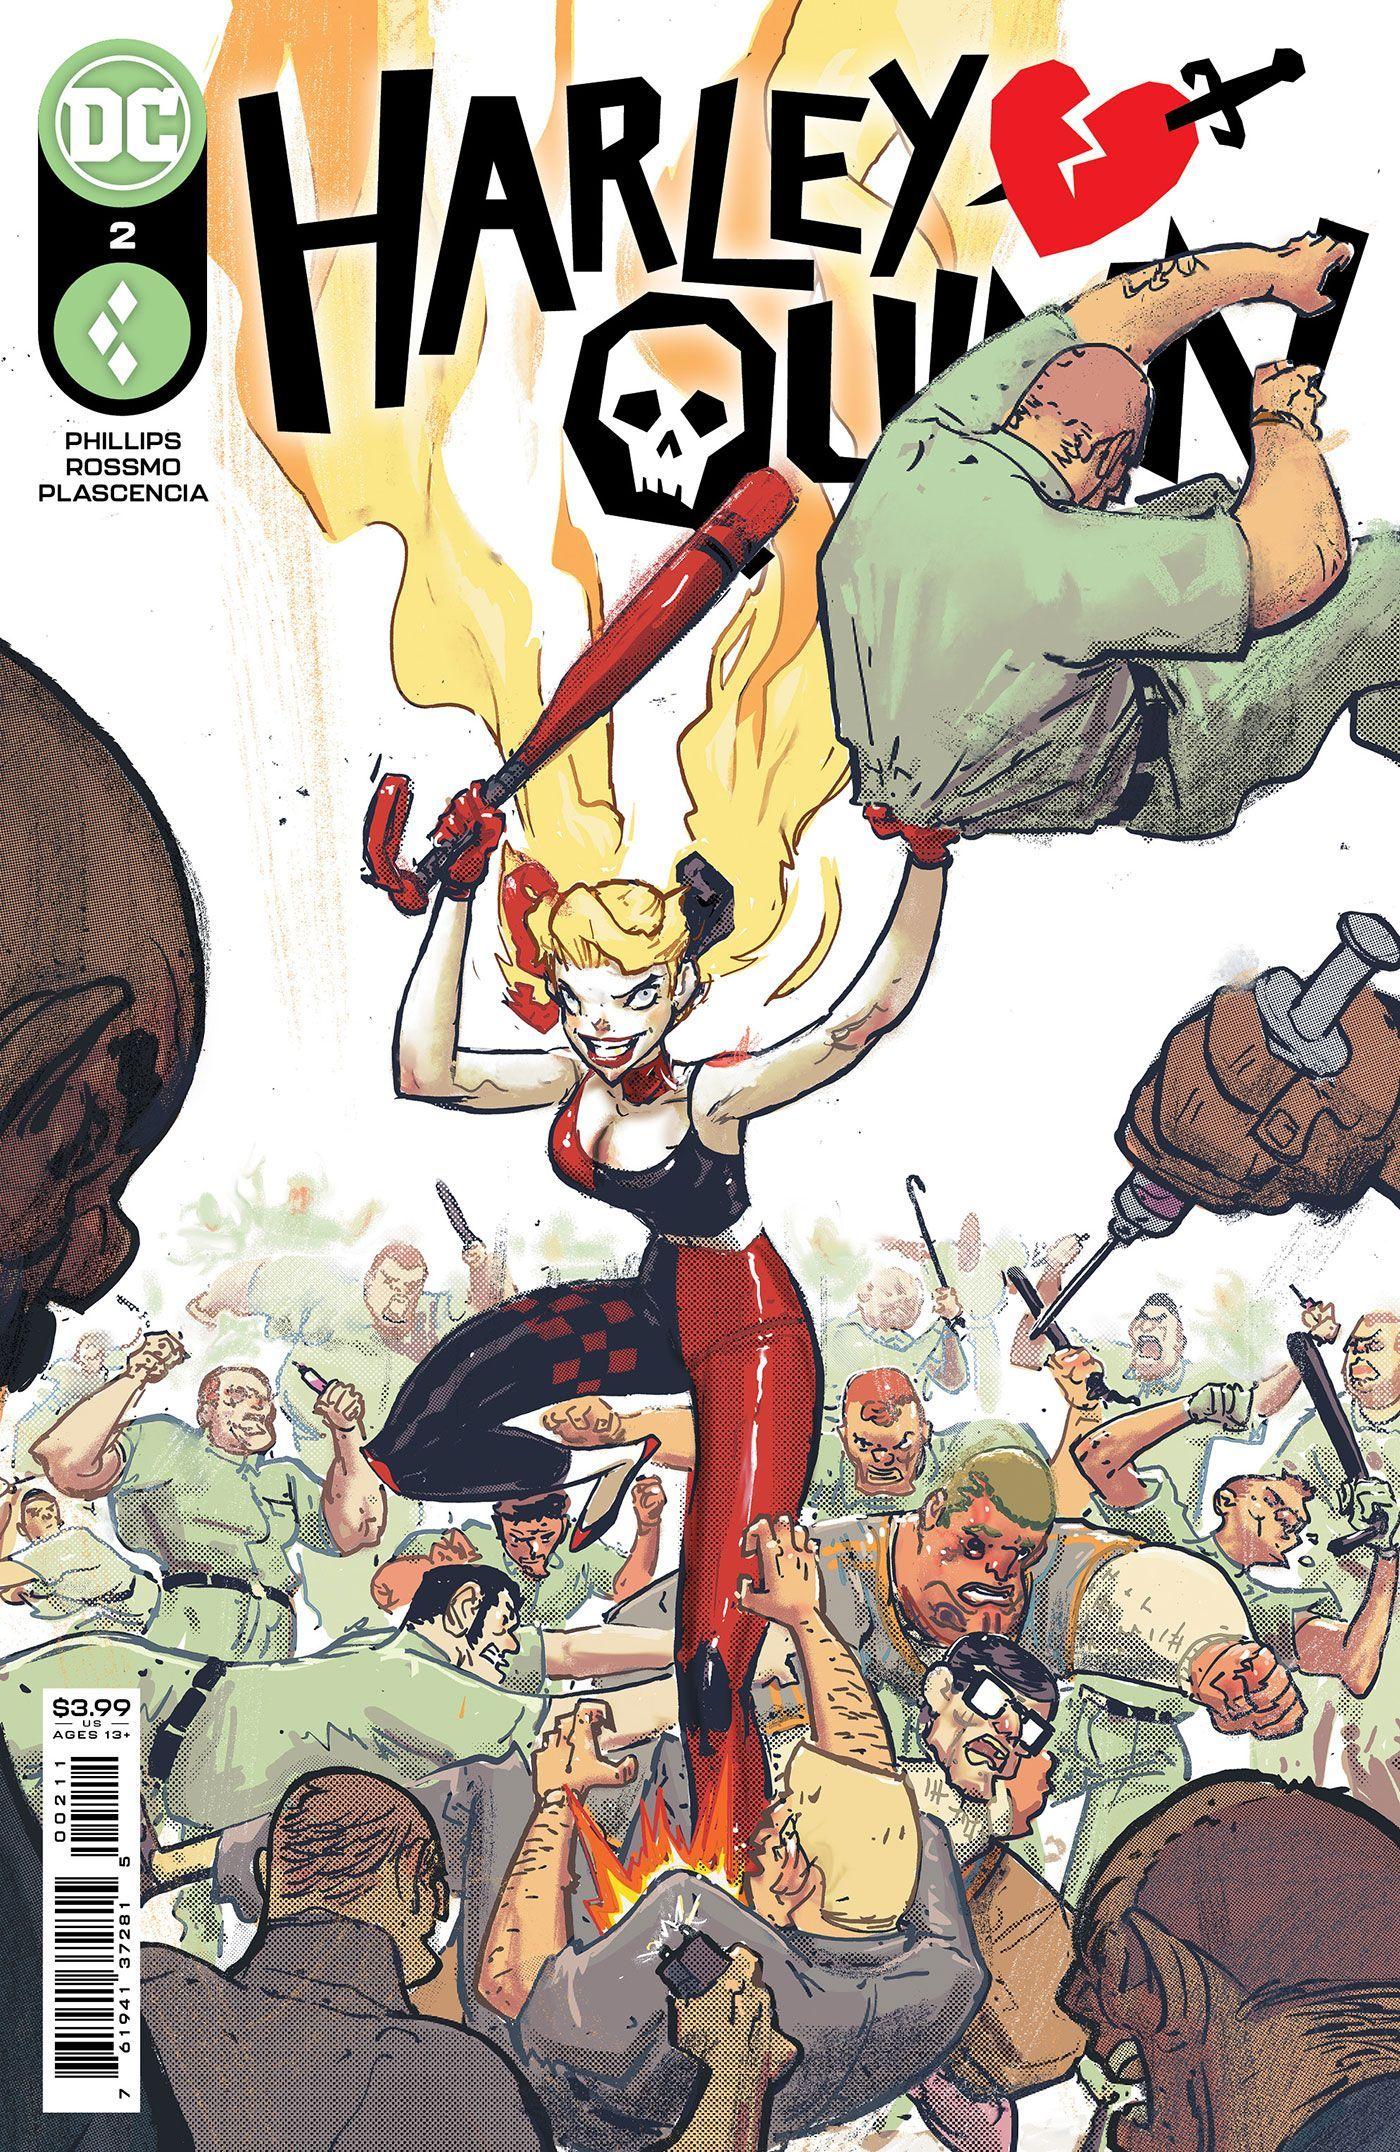 Harley Quinn is Getting a Brand New Sidekick Sidekick of Her Own